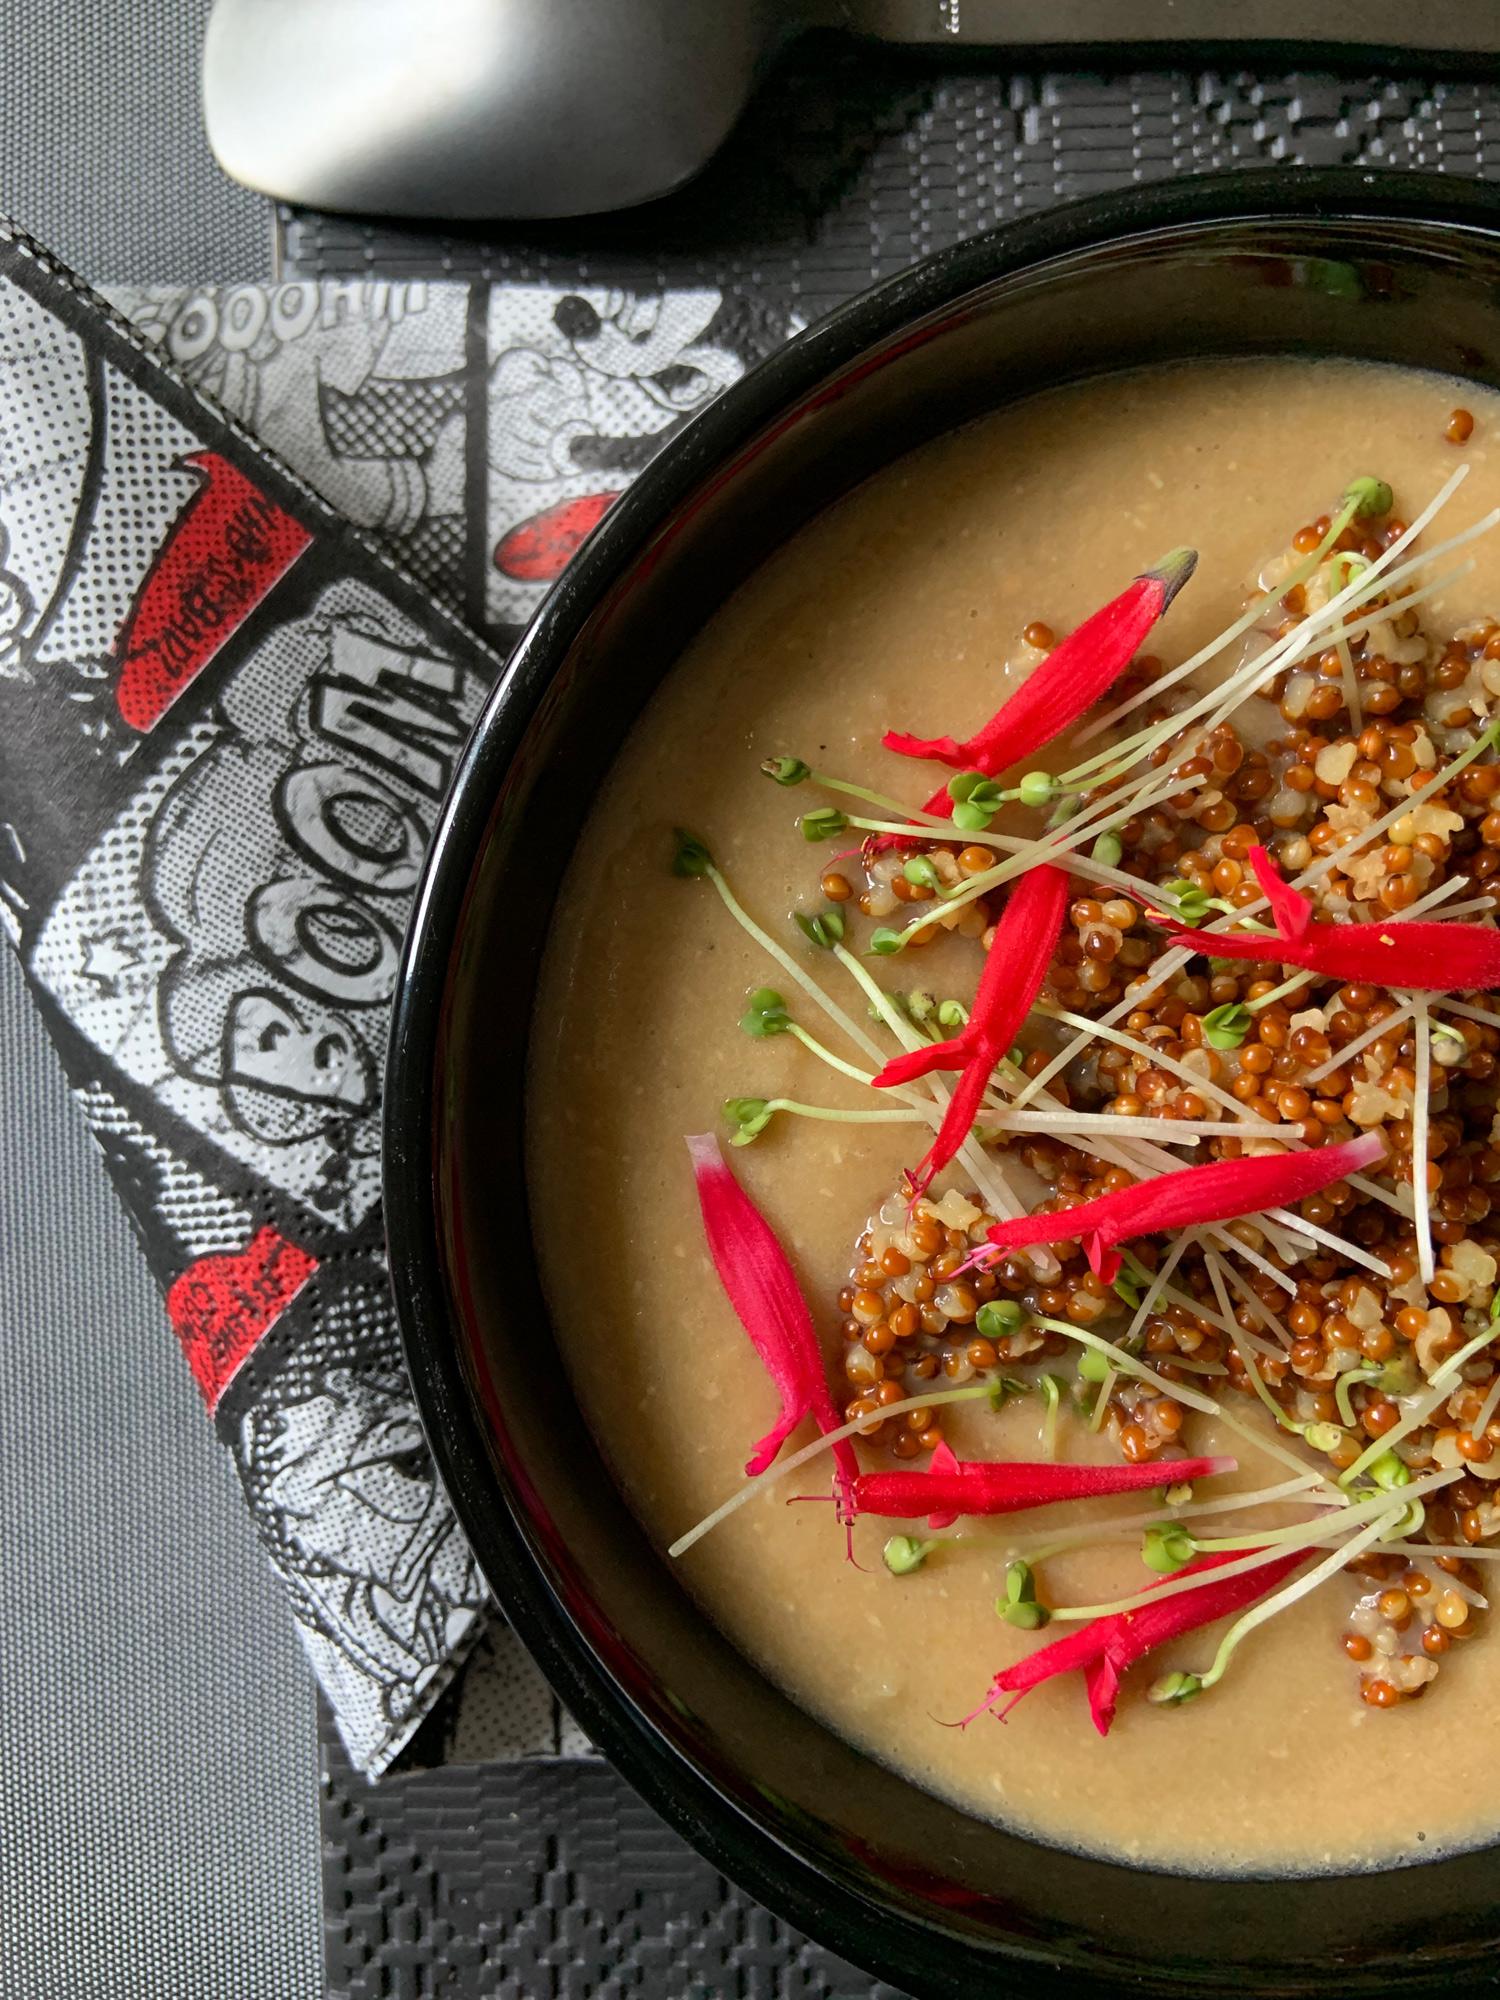 Crema di lenticchie rosse, miglio integrale, germogli di senape e fiori di salvia ananas | ©foto Sandra Longinotti